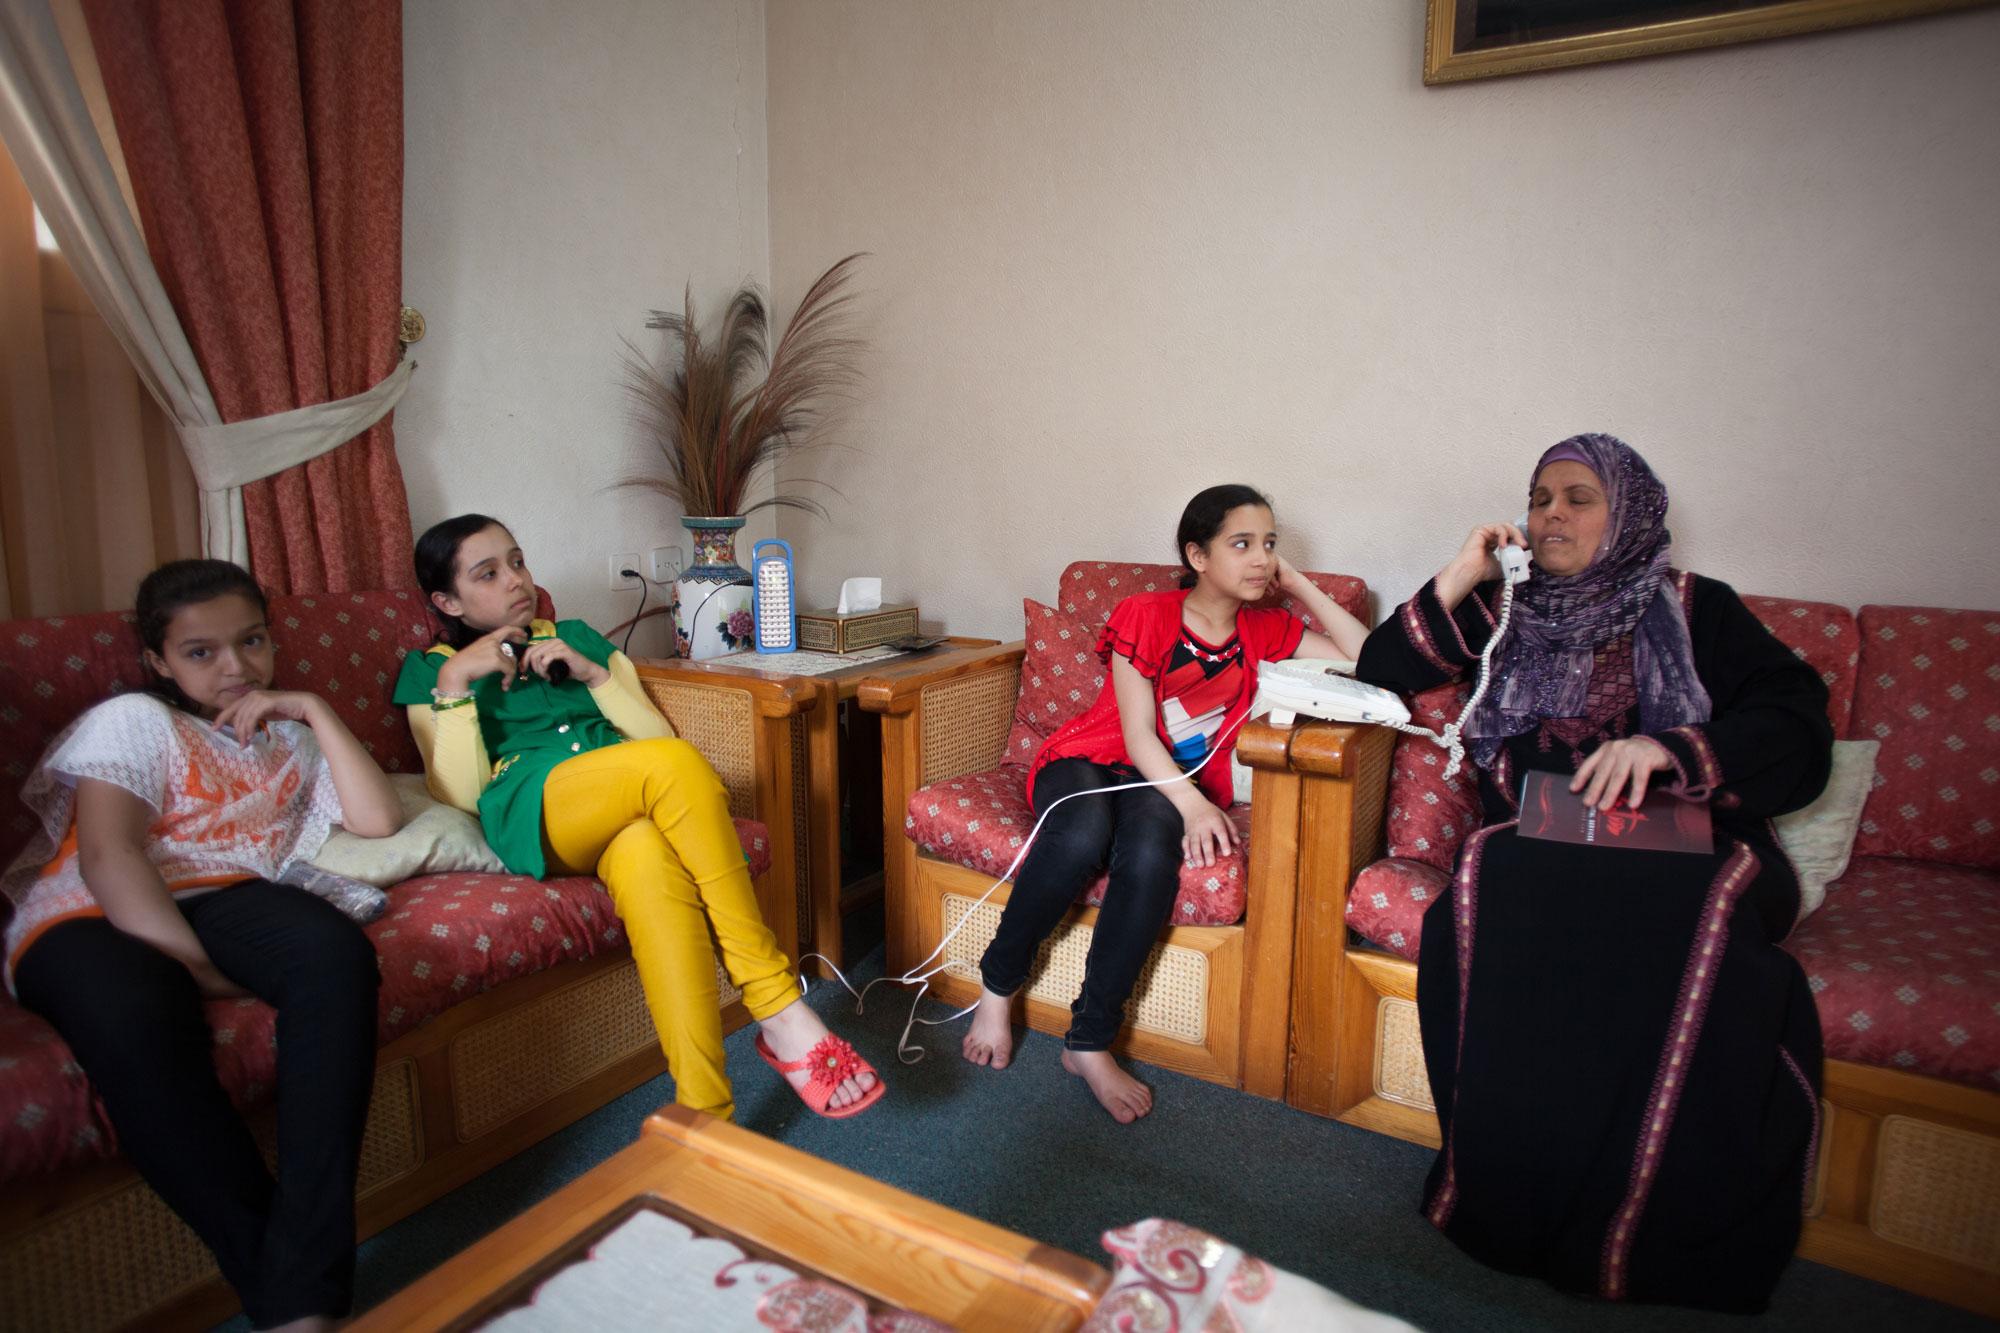 יוסרא אבו-סידו עם שלוש מנכדותיה בביתה ברצועת עזה. צילום: אימאן מוחמד